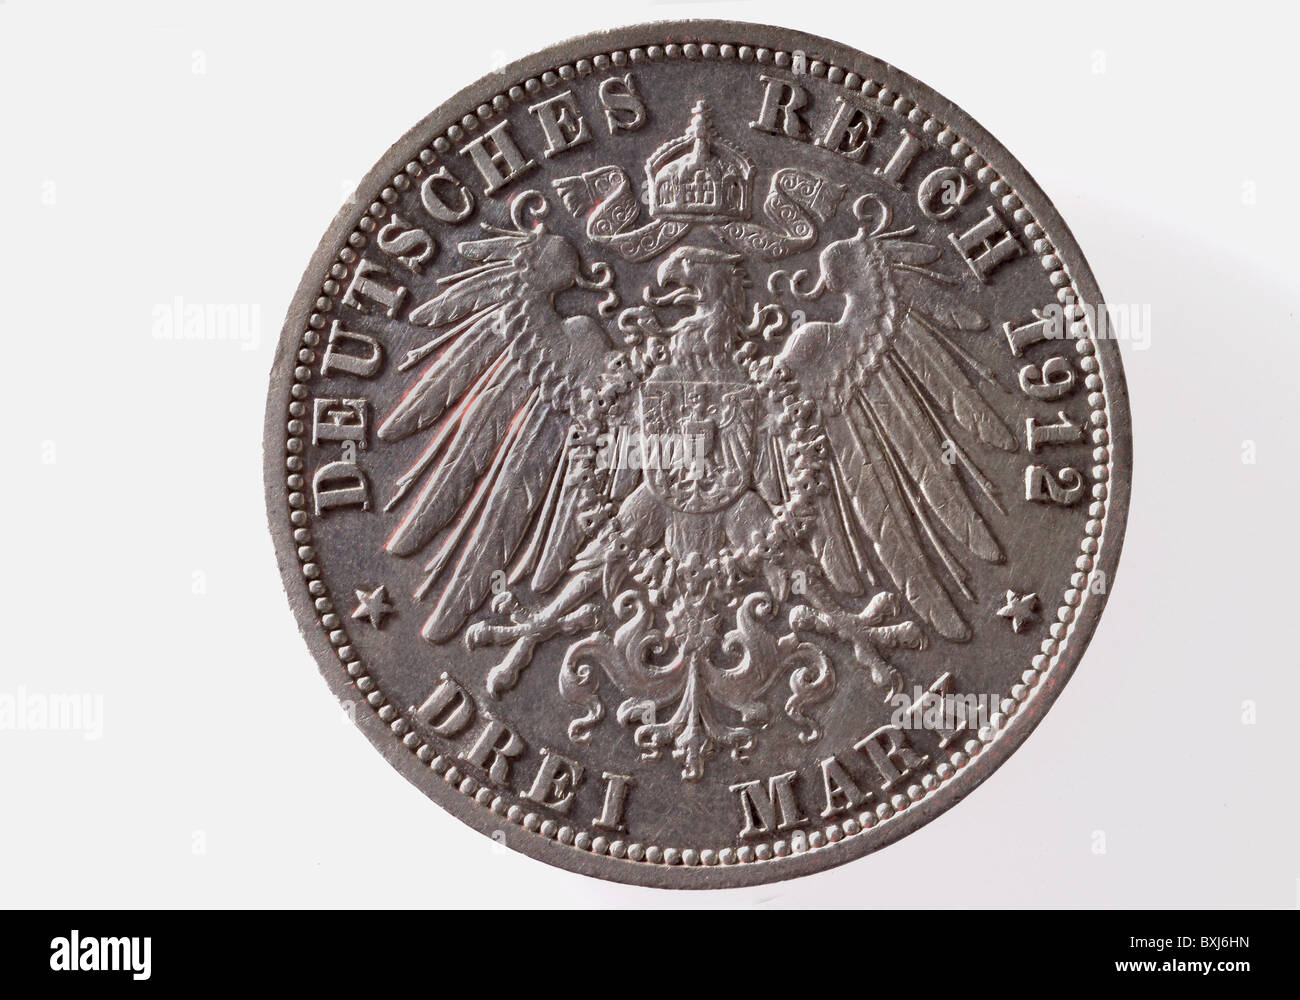 Geldfinanzen Münzen Deutschland 3 Deutsche Mark Münze 1912